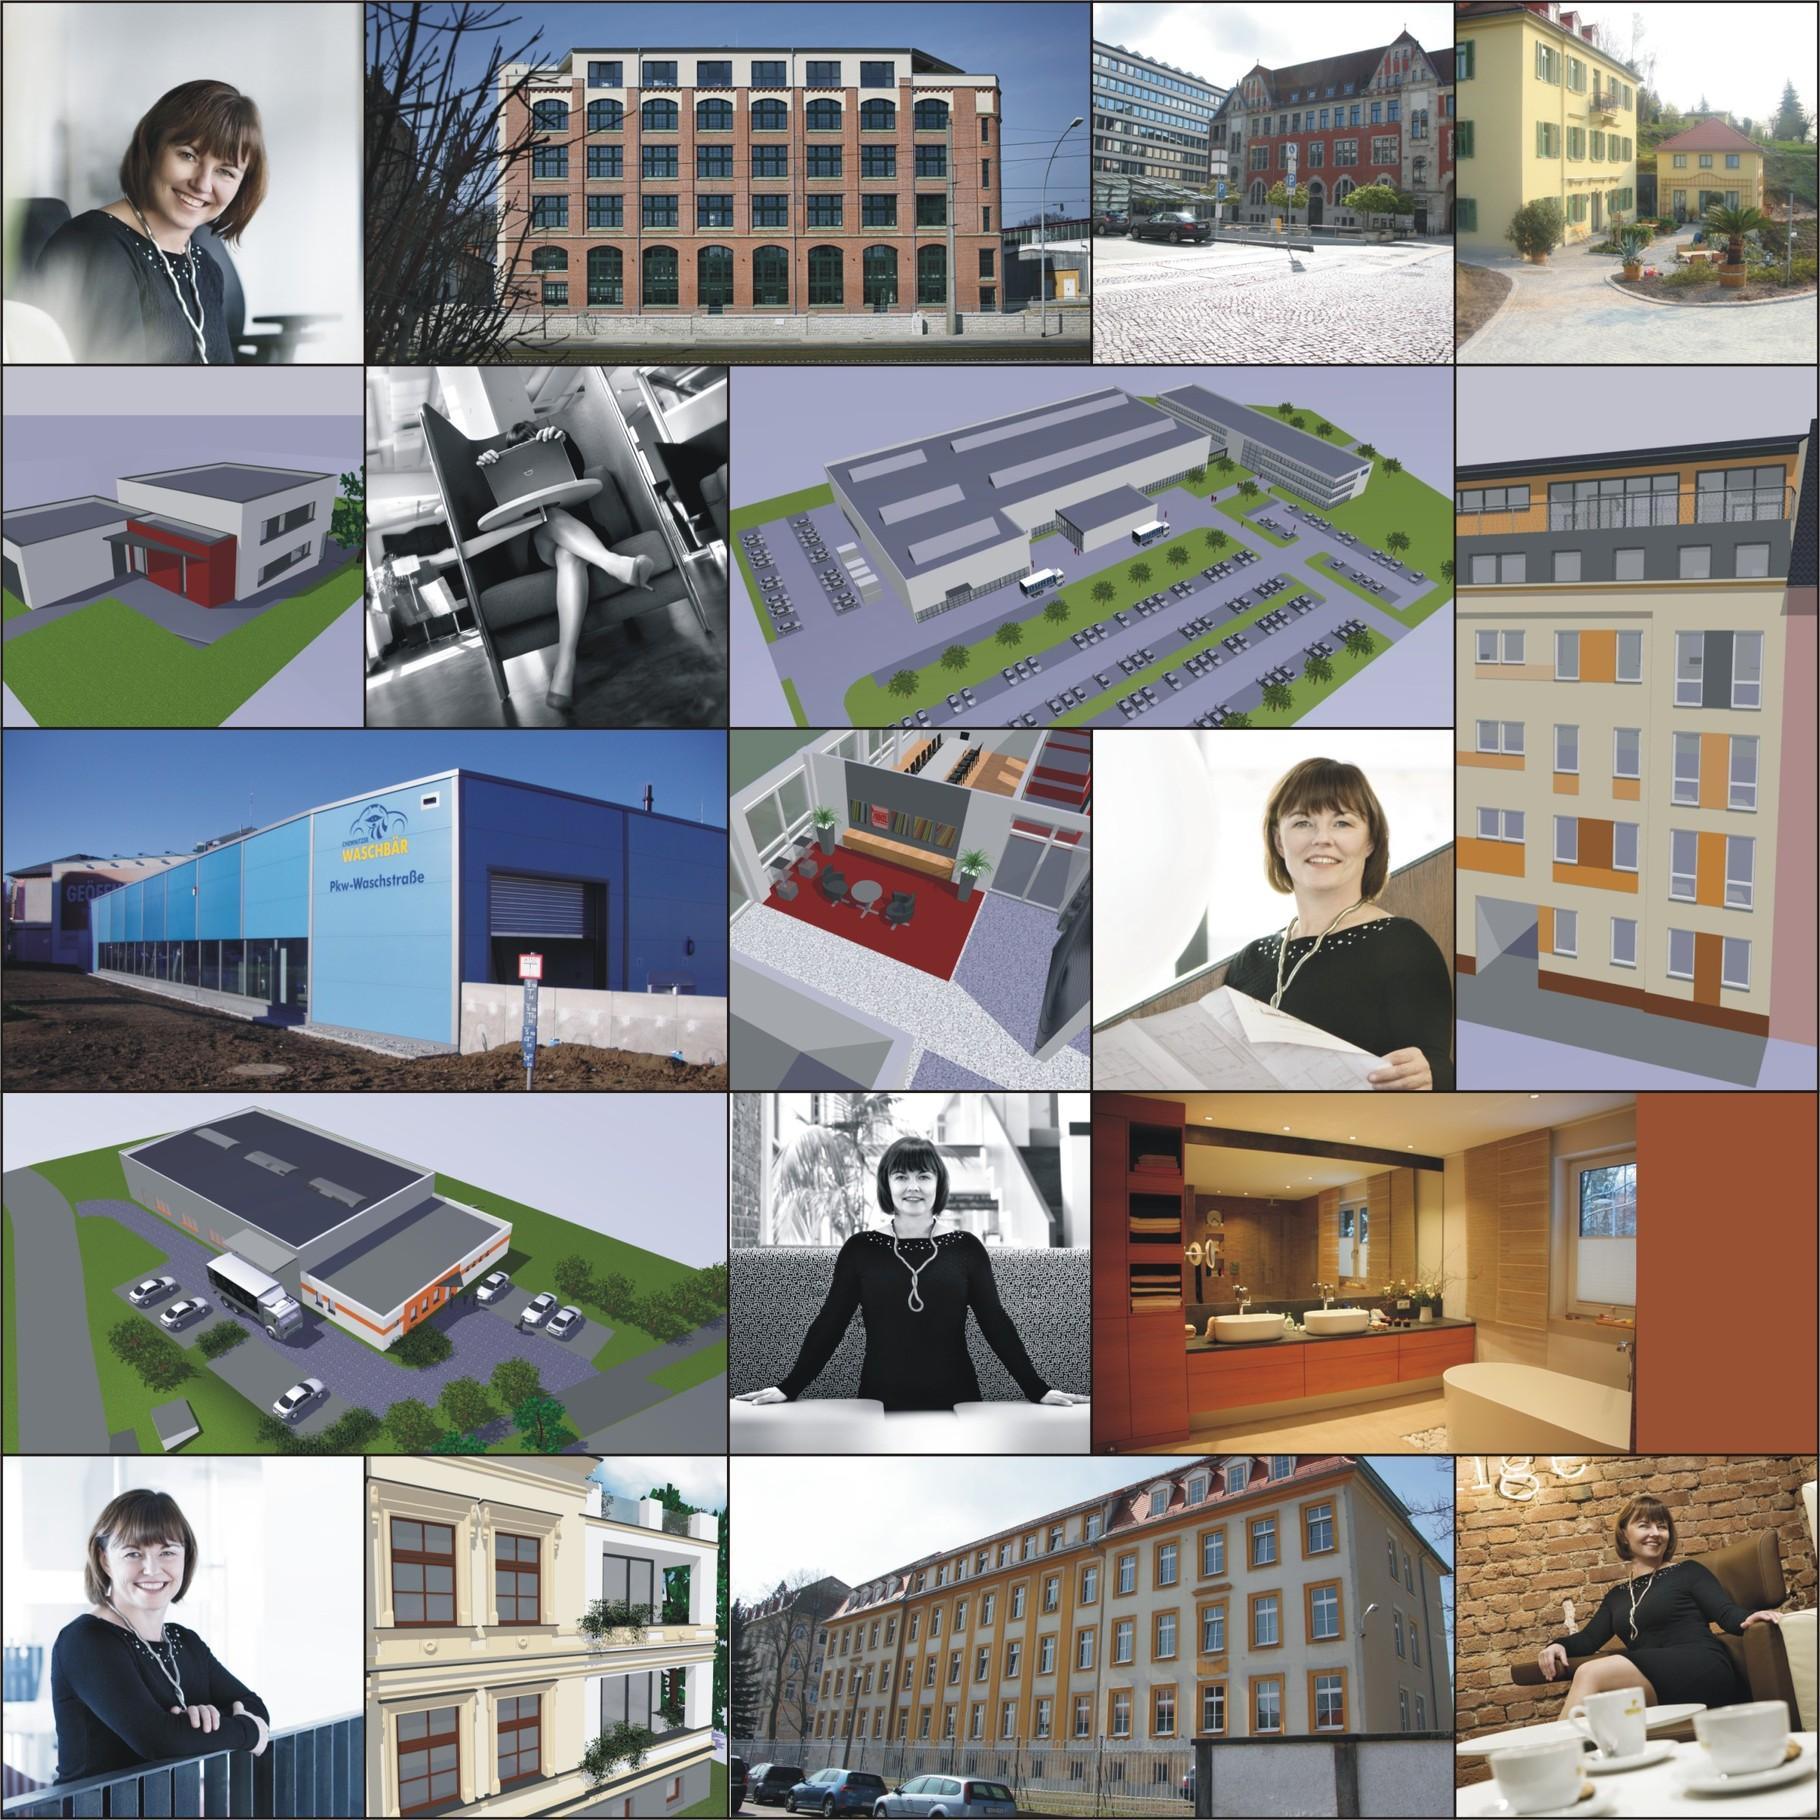 Architekt planungsb ro chemnitz liane remmler - Architekt chemnitz ...